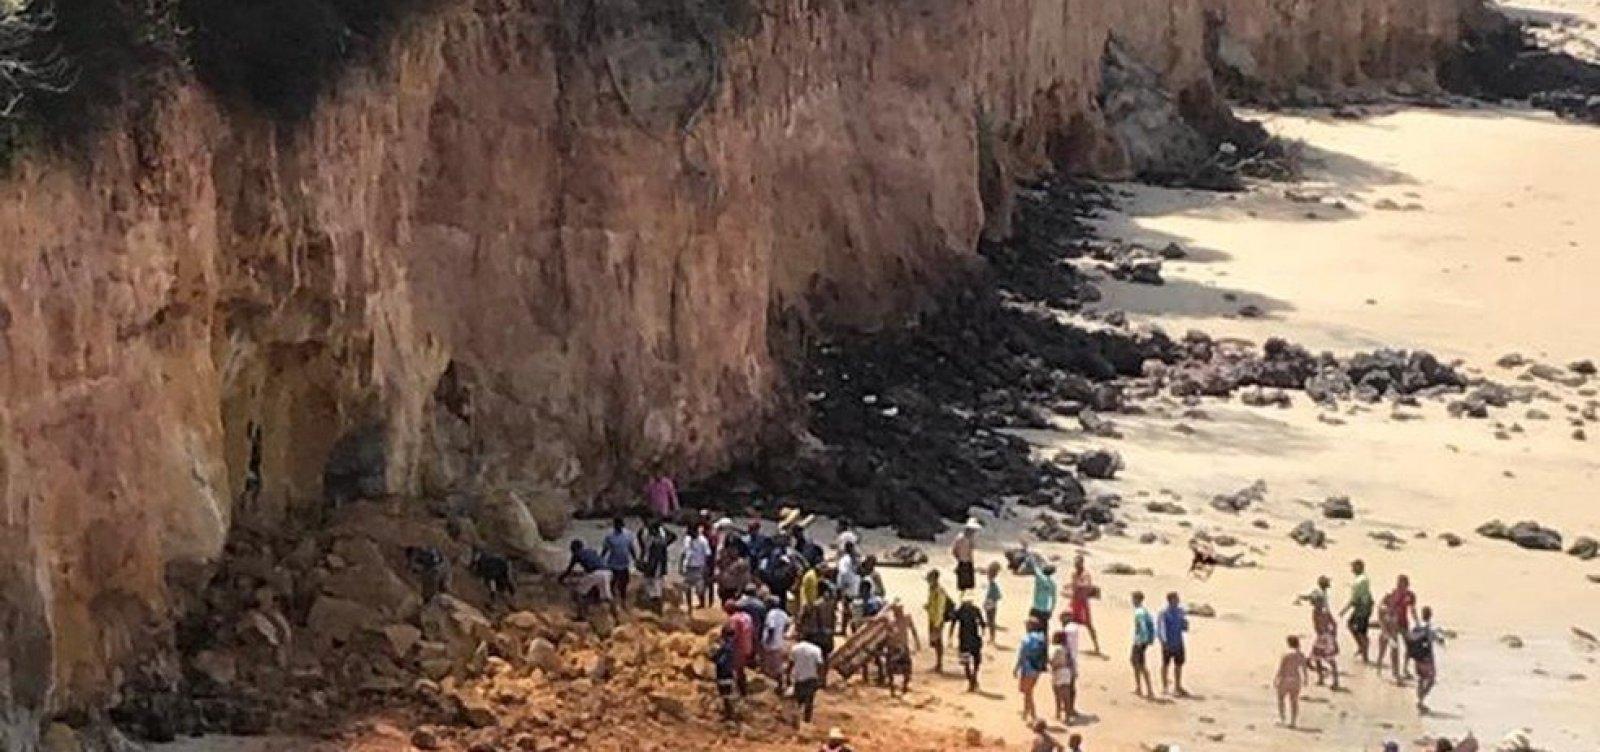 Parte de falésia desaba na praia de Pipa, no RN, e mata três pessoas da mesma família